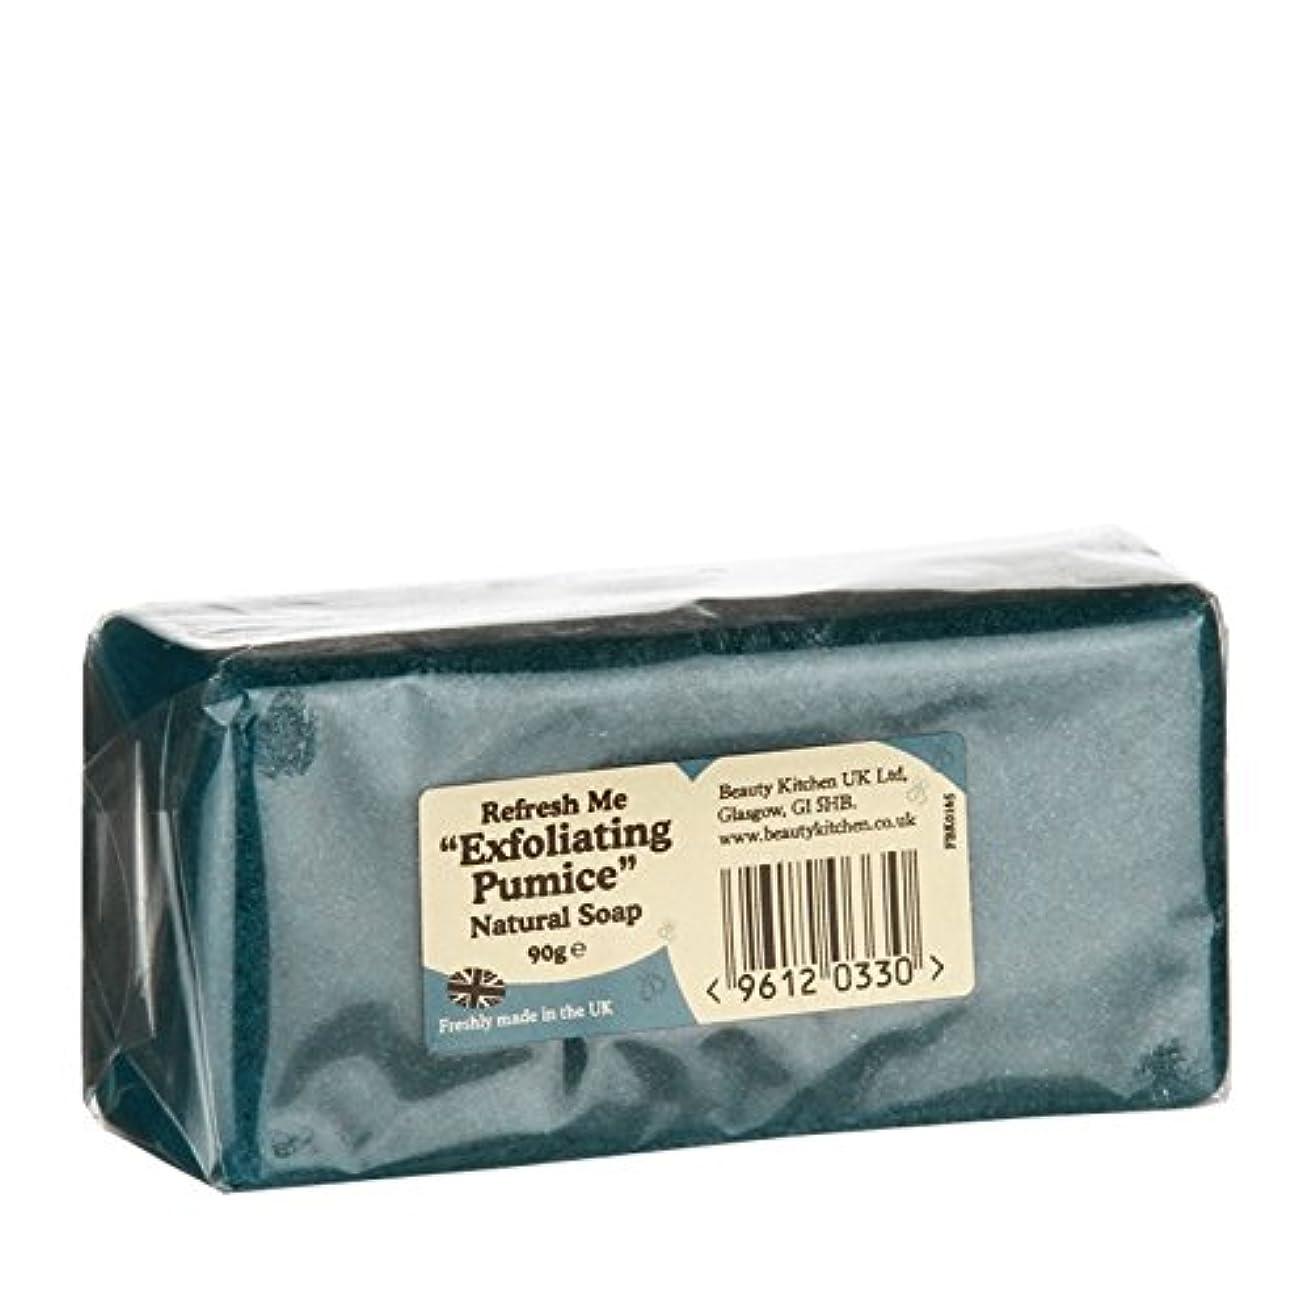 ホステス施しページBeauty Kitchen Refresh Me Exfoliating Pumice Natural Soap 90g (Pack of 2) - 美しさのキッチンは、軽石の天然石鹸90グラムを剥離私をリフレッシュ (x2) [並行輸入品]